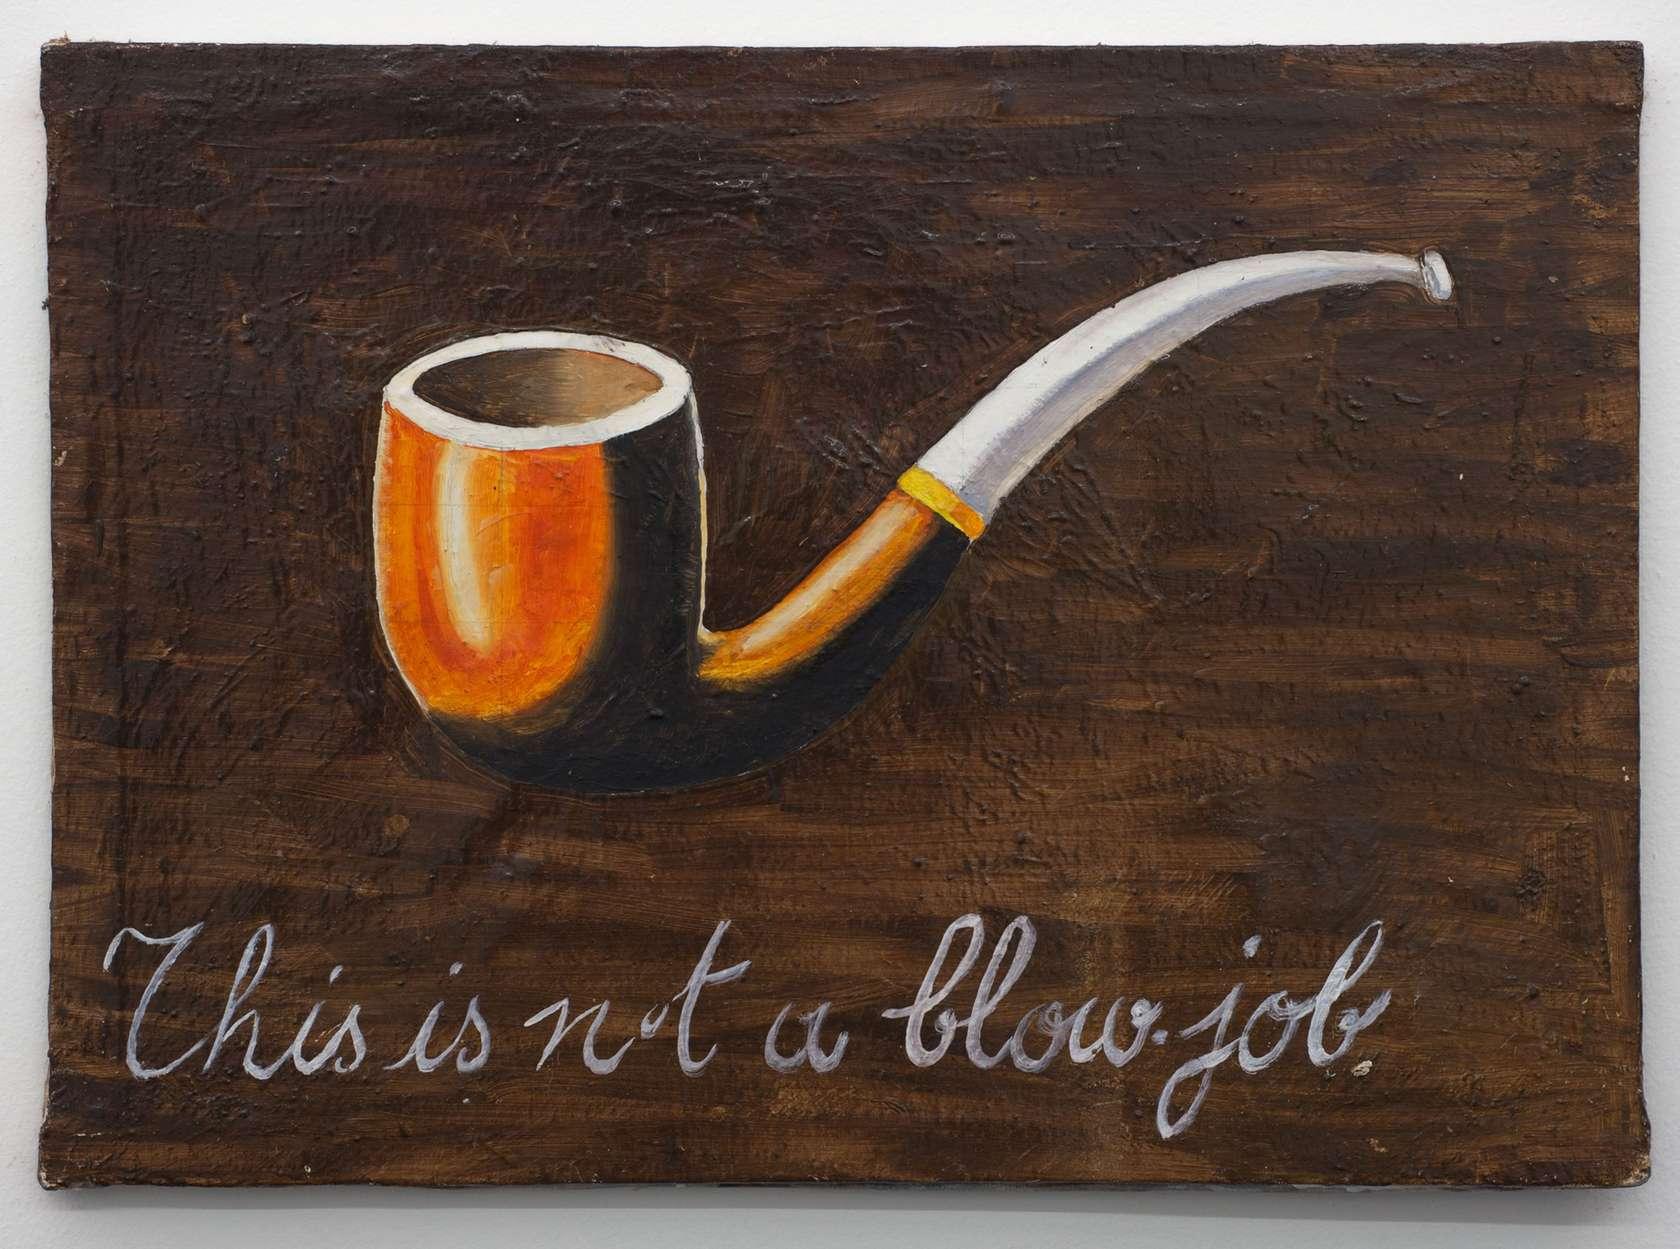 Présence Panchounette, This is not a blowjob, 1979 Huile et acrylique sur toile39 × 55 cm / 15 3/8 × 21 5/8 in.